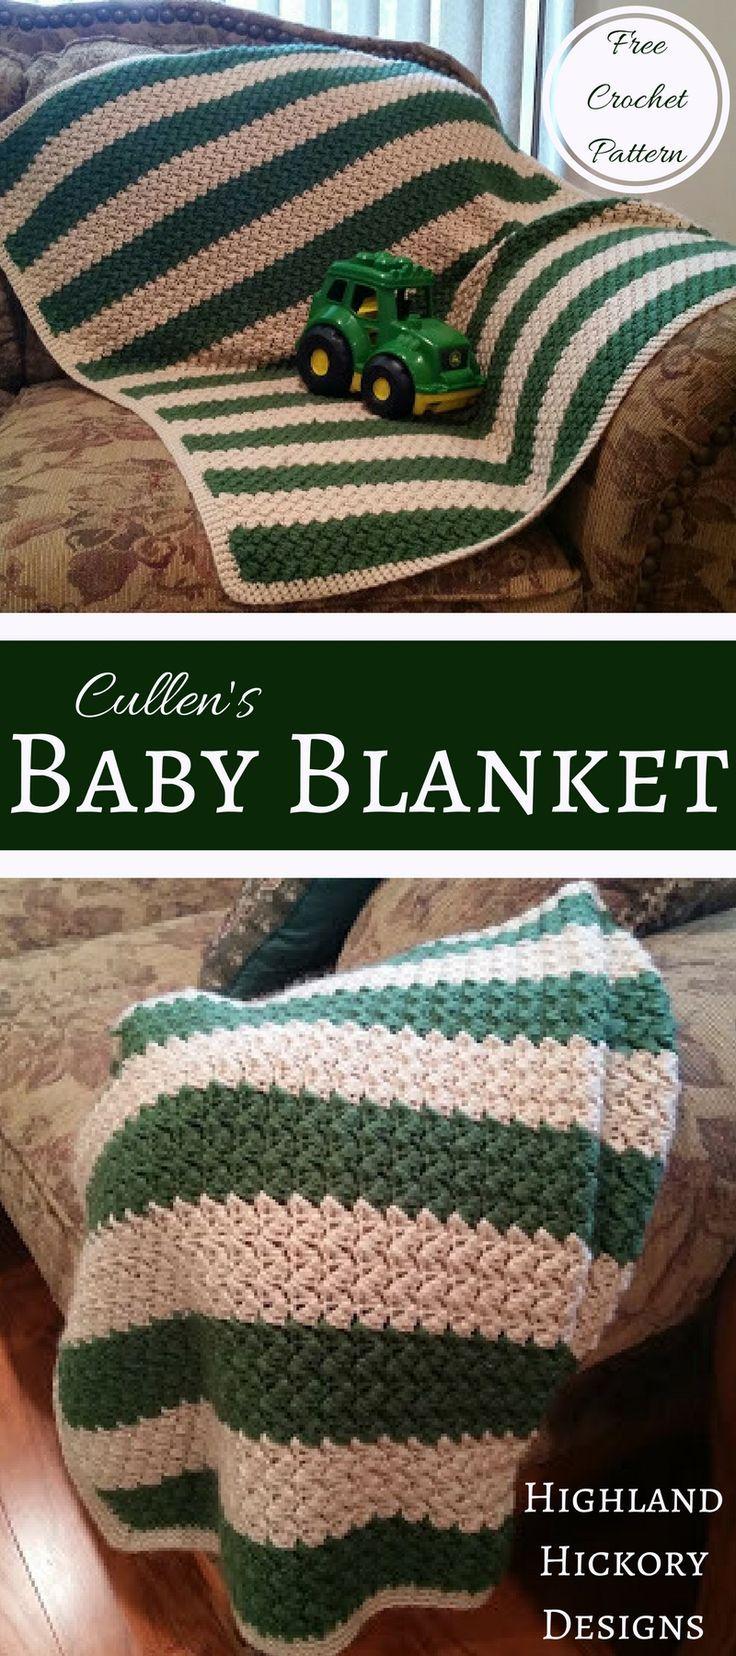 Cullen\'s Baby Blanket - Free Crochet Pattern | Häkeln für baby ...